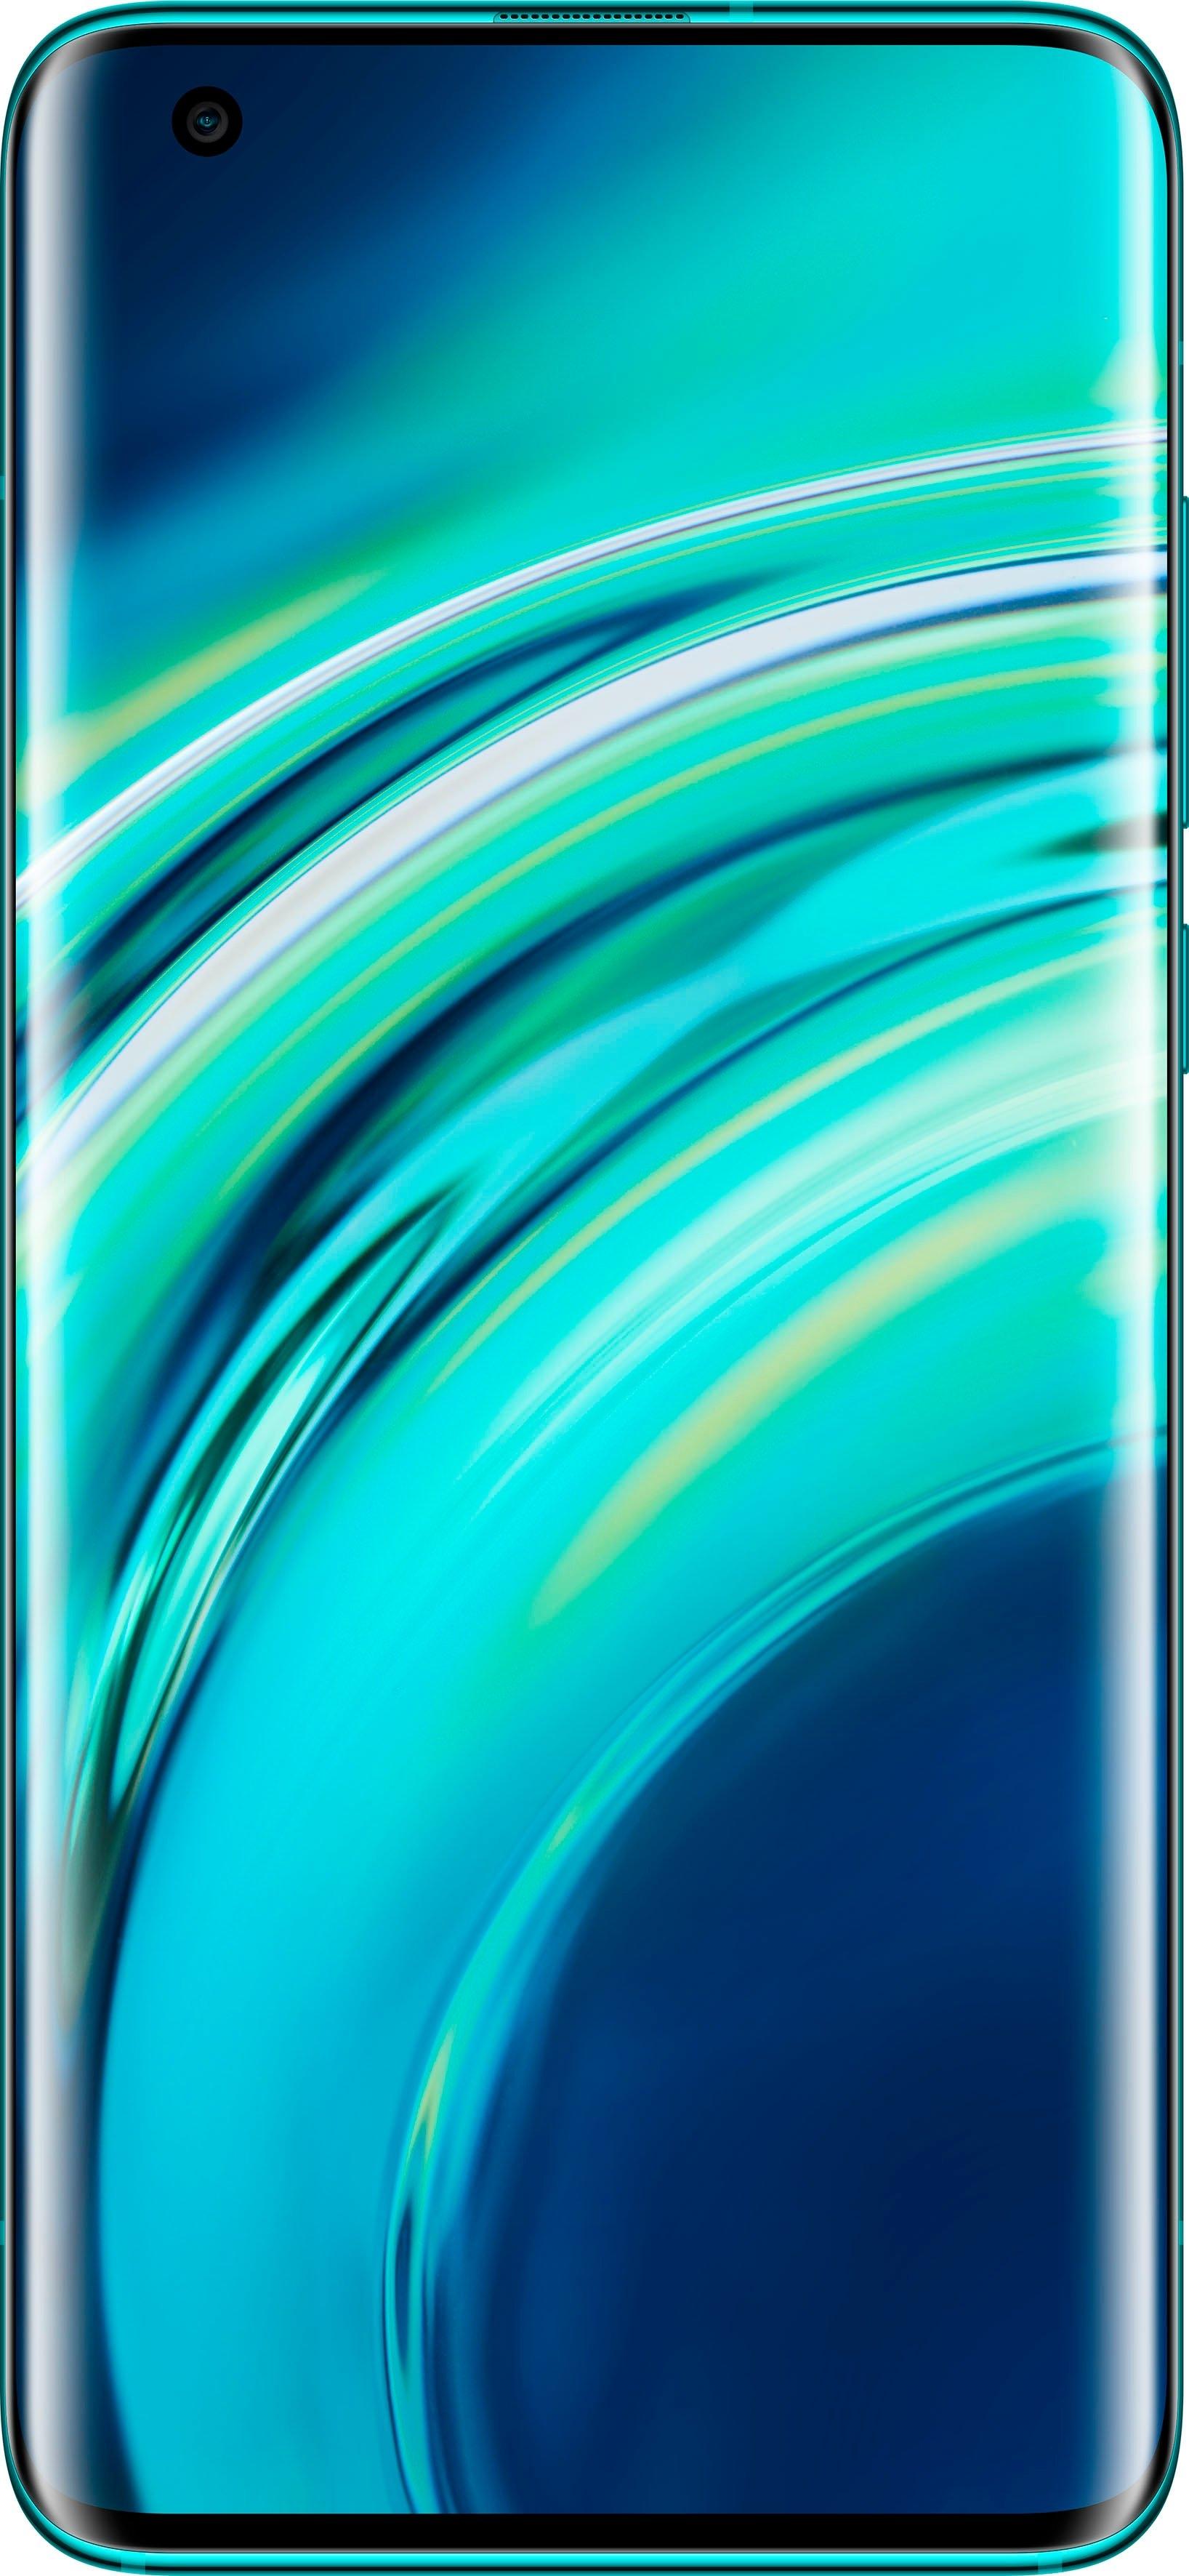 Op zoek naar een Xiaomi smartphone Xiaomi Mi 10 8GB+128GB, 128 GB? Koop online bij OTTO